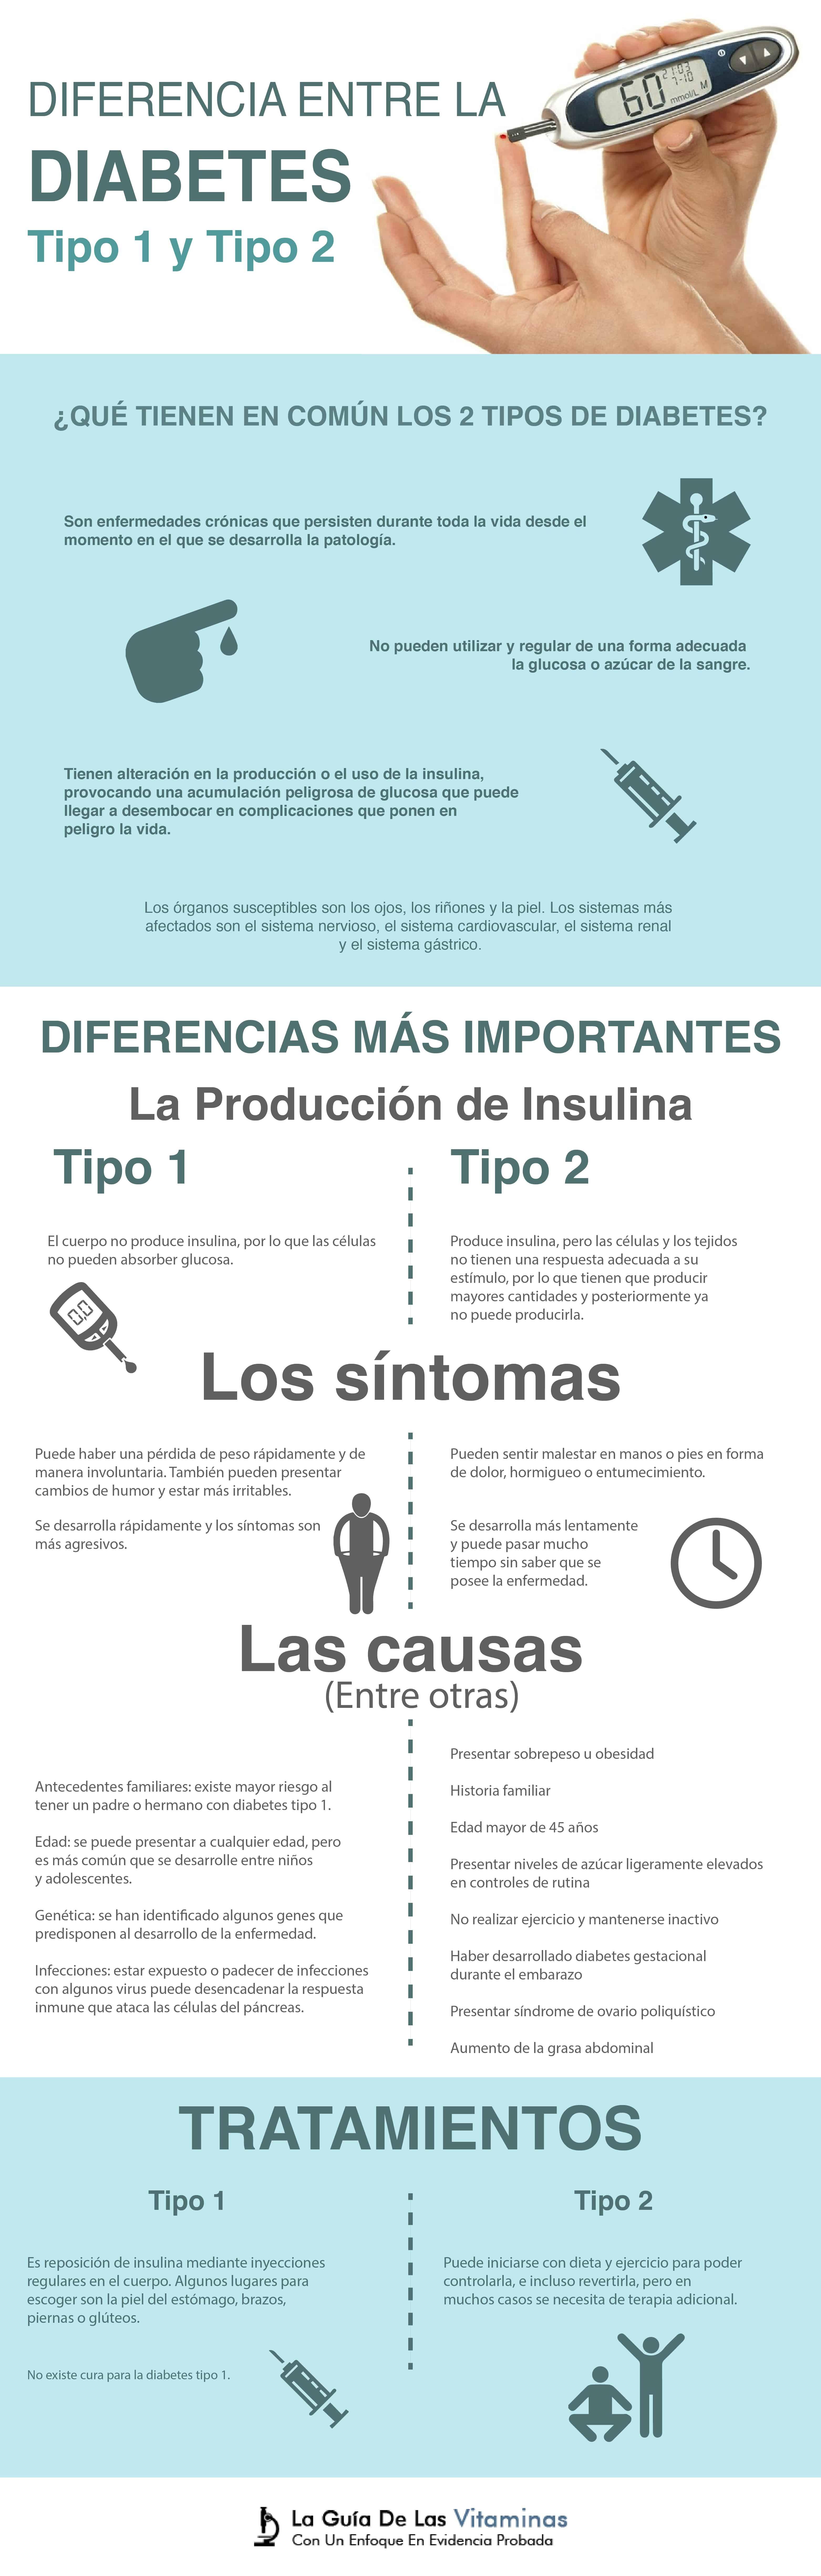 diferencia en el tratamiento de la diabetes tipo 1 y tipo 2